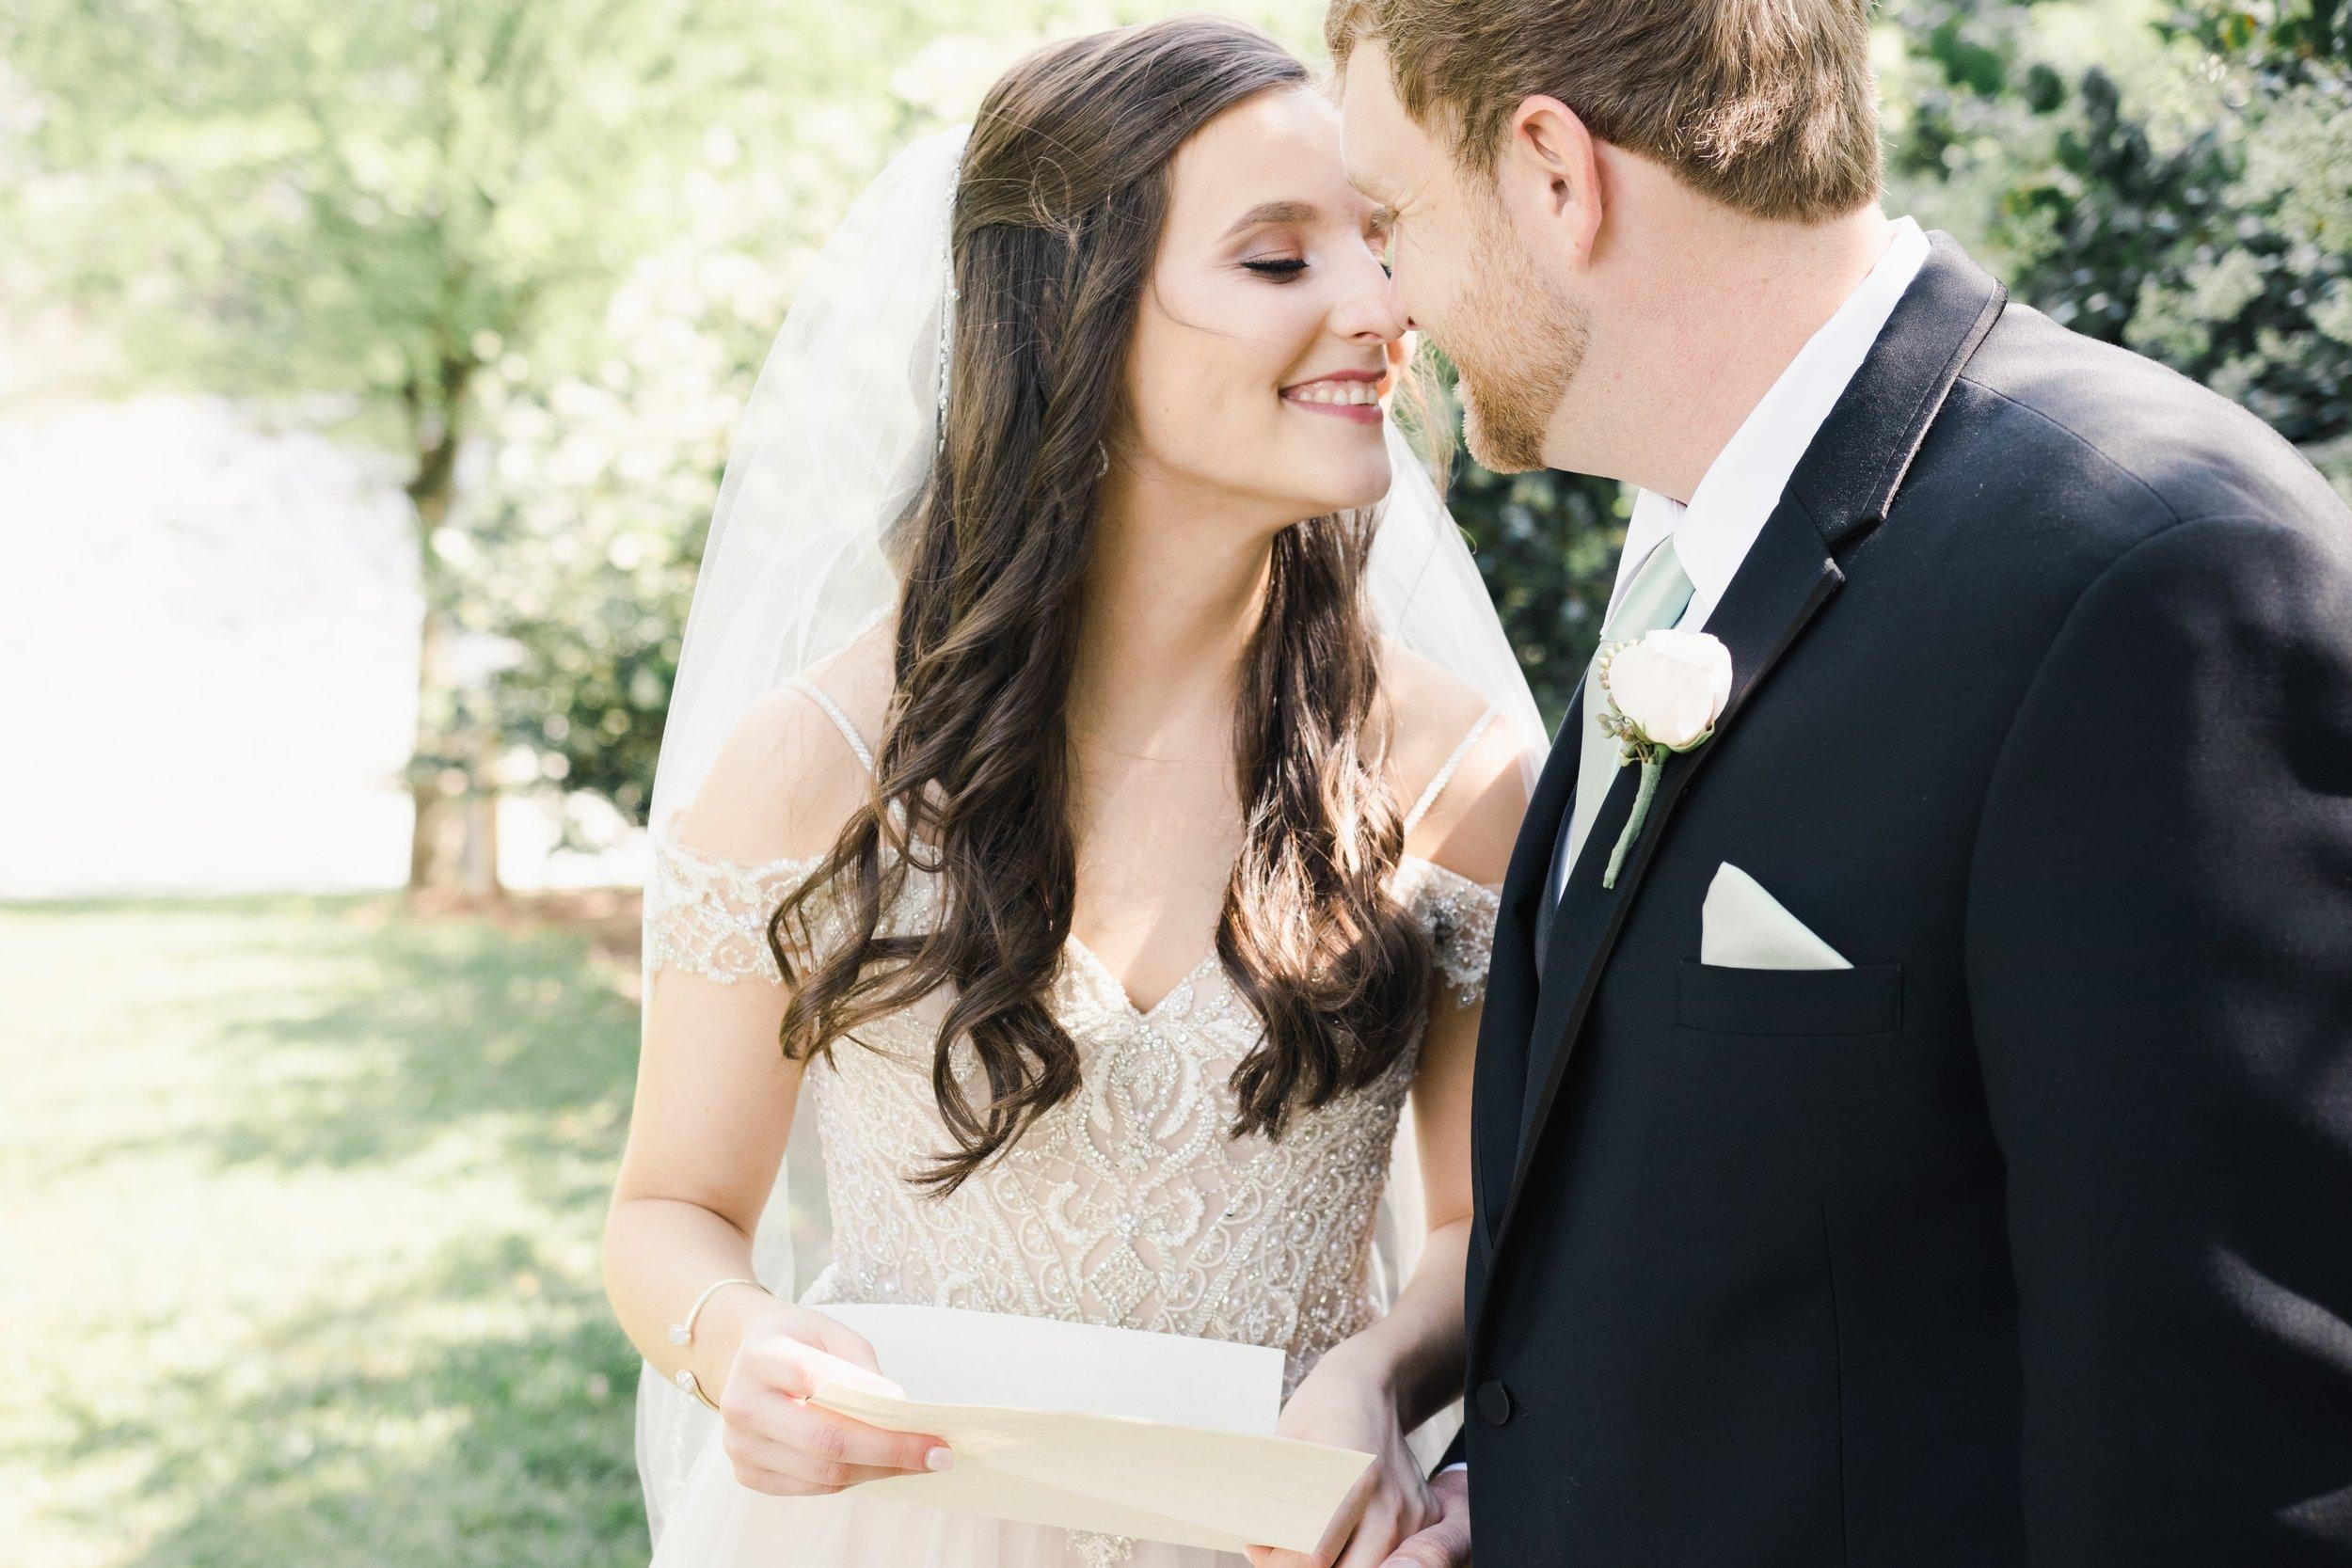 Stewart Wedding 1-19-min.JPG